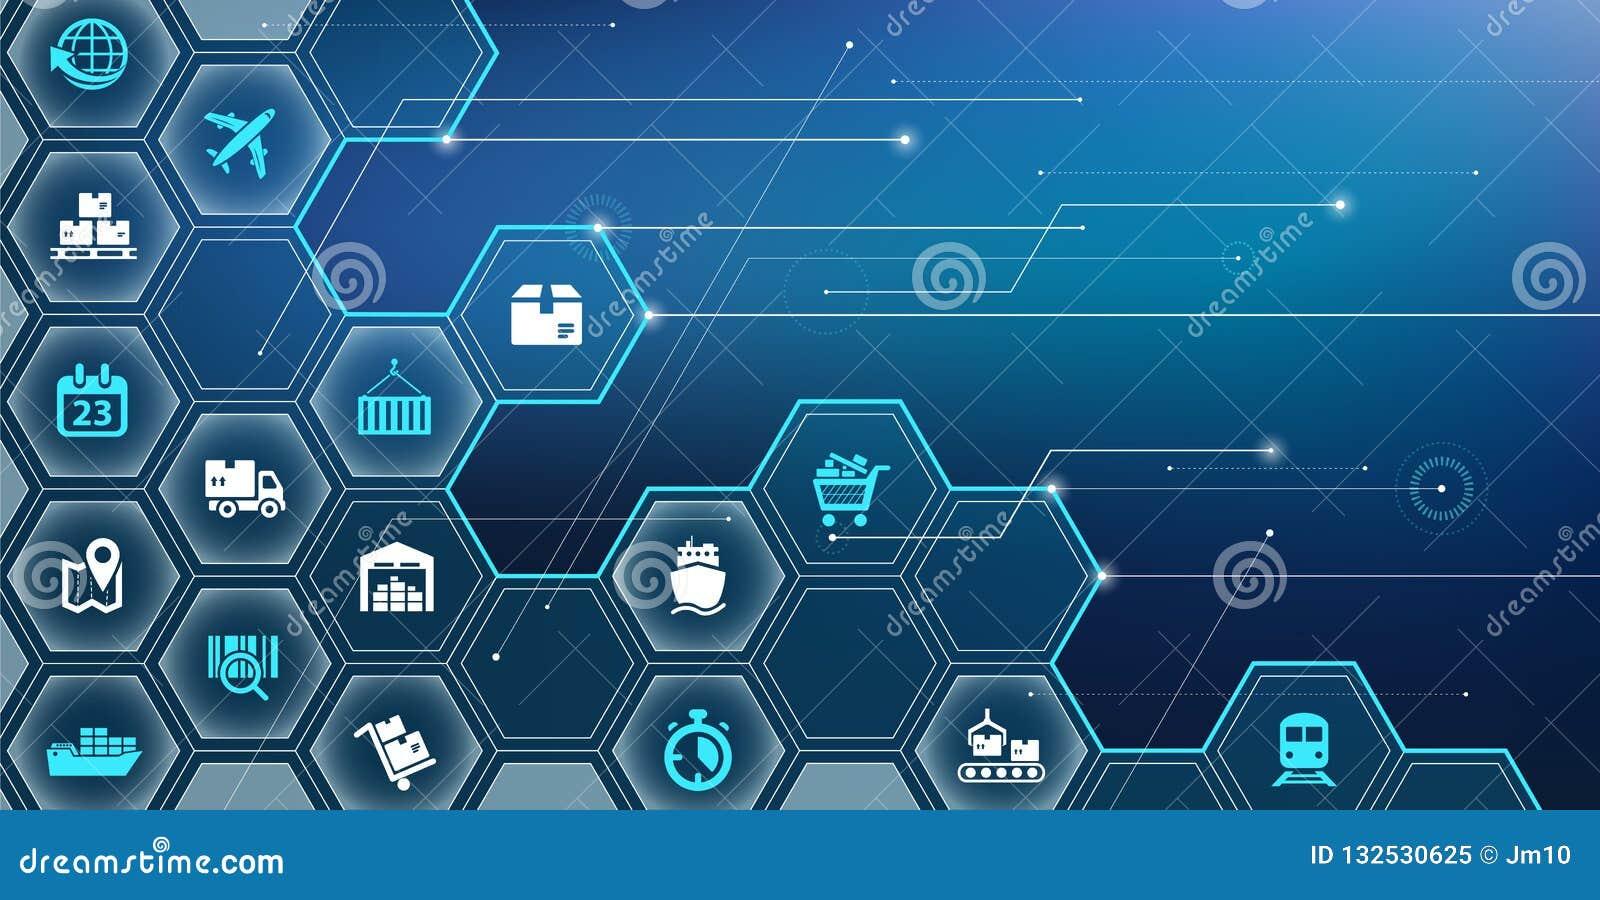 供应链管理概念,获得,储藏,运输,发行-传染媒介例证